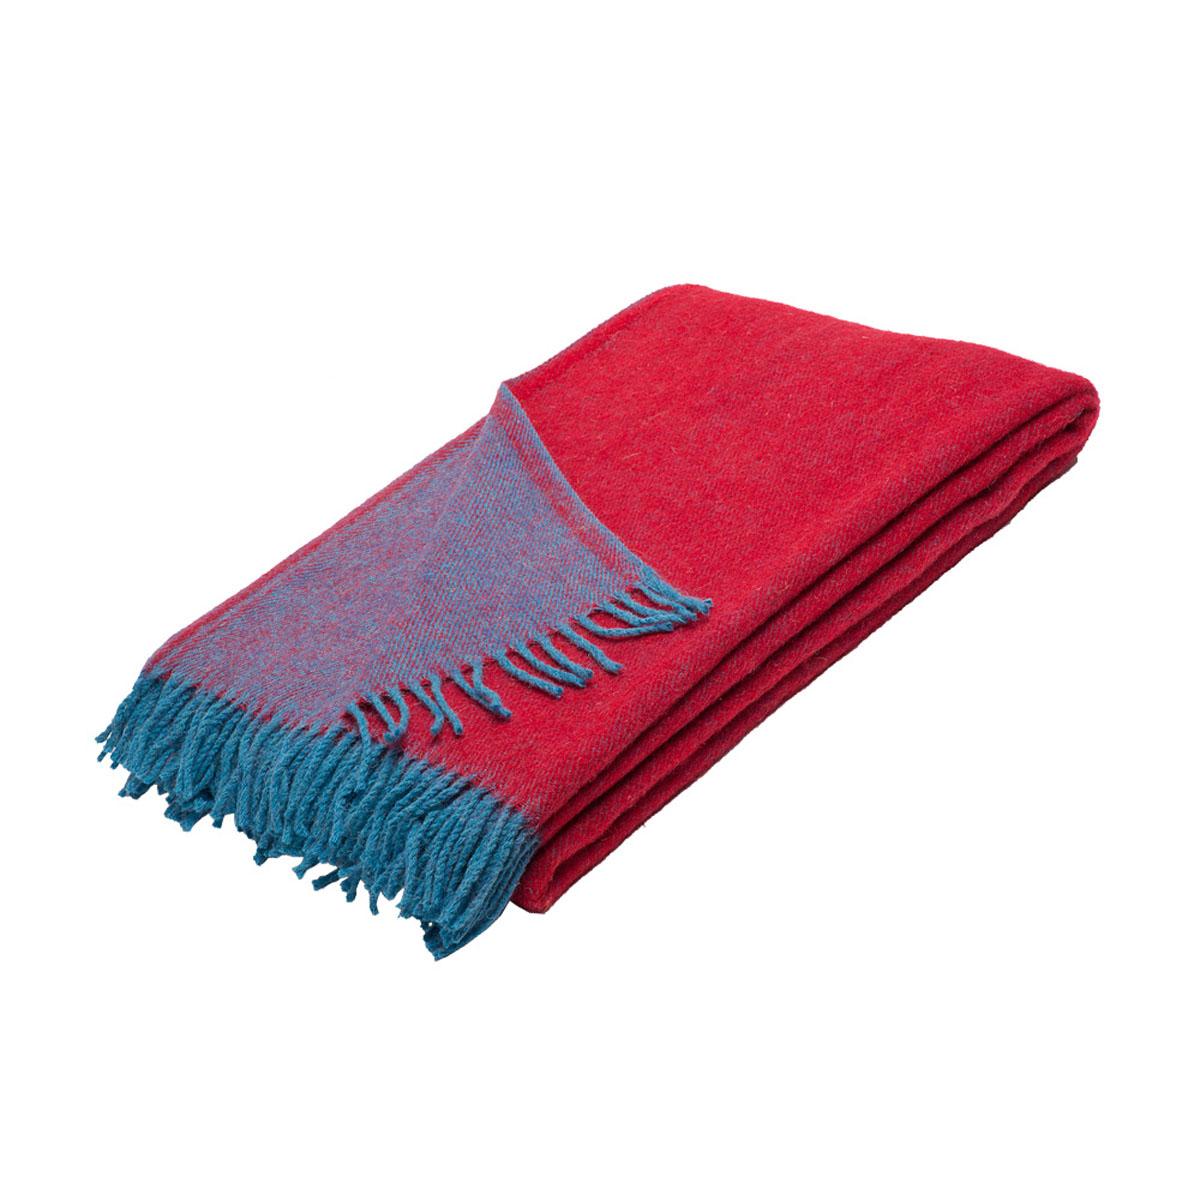 Плед Руно Дуэт, цвет: бордовый, голубой, 140 х 200 см. 1-531-140 (67)ES-412Плед Руно Дуэт, выполненный из натуральной овечьей шерсти с молезащитной обработкой, добавит в комнате уюта и согреет в прохладные дни. Удобный размер этого очаровательного изделия позволит использовать его и как одеяло, и как покрывало для кресла или софы. Плед Руно Дуэт украсит интерьер любой комнаты и станет отличным подарком друзьям и близким! Под шерстяным пледом вам никогда не станет жарко или холодно, он помогает поддерживать постоянную температуру тела. Шерсть обладает прекрасной воздухопроницаемостью, она поглощает и нейтрализует вредные вещества и славится своими целебными свойствами. Плед из шерсти станет лучшим лекарством для людей, страдающих ревматизмом, радикулитом, головными и мышечными болями, сердечно-сосудистыми заболеваниями и нарушениями кровообращения. Шерсть не электризуется. Она прочна, износостойка, долговечна. Наконец, шерсть просто приятна на ощупь, ее мягкость и фактура вызывают потрясающие тактильные ощущения!